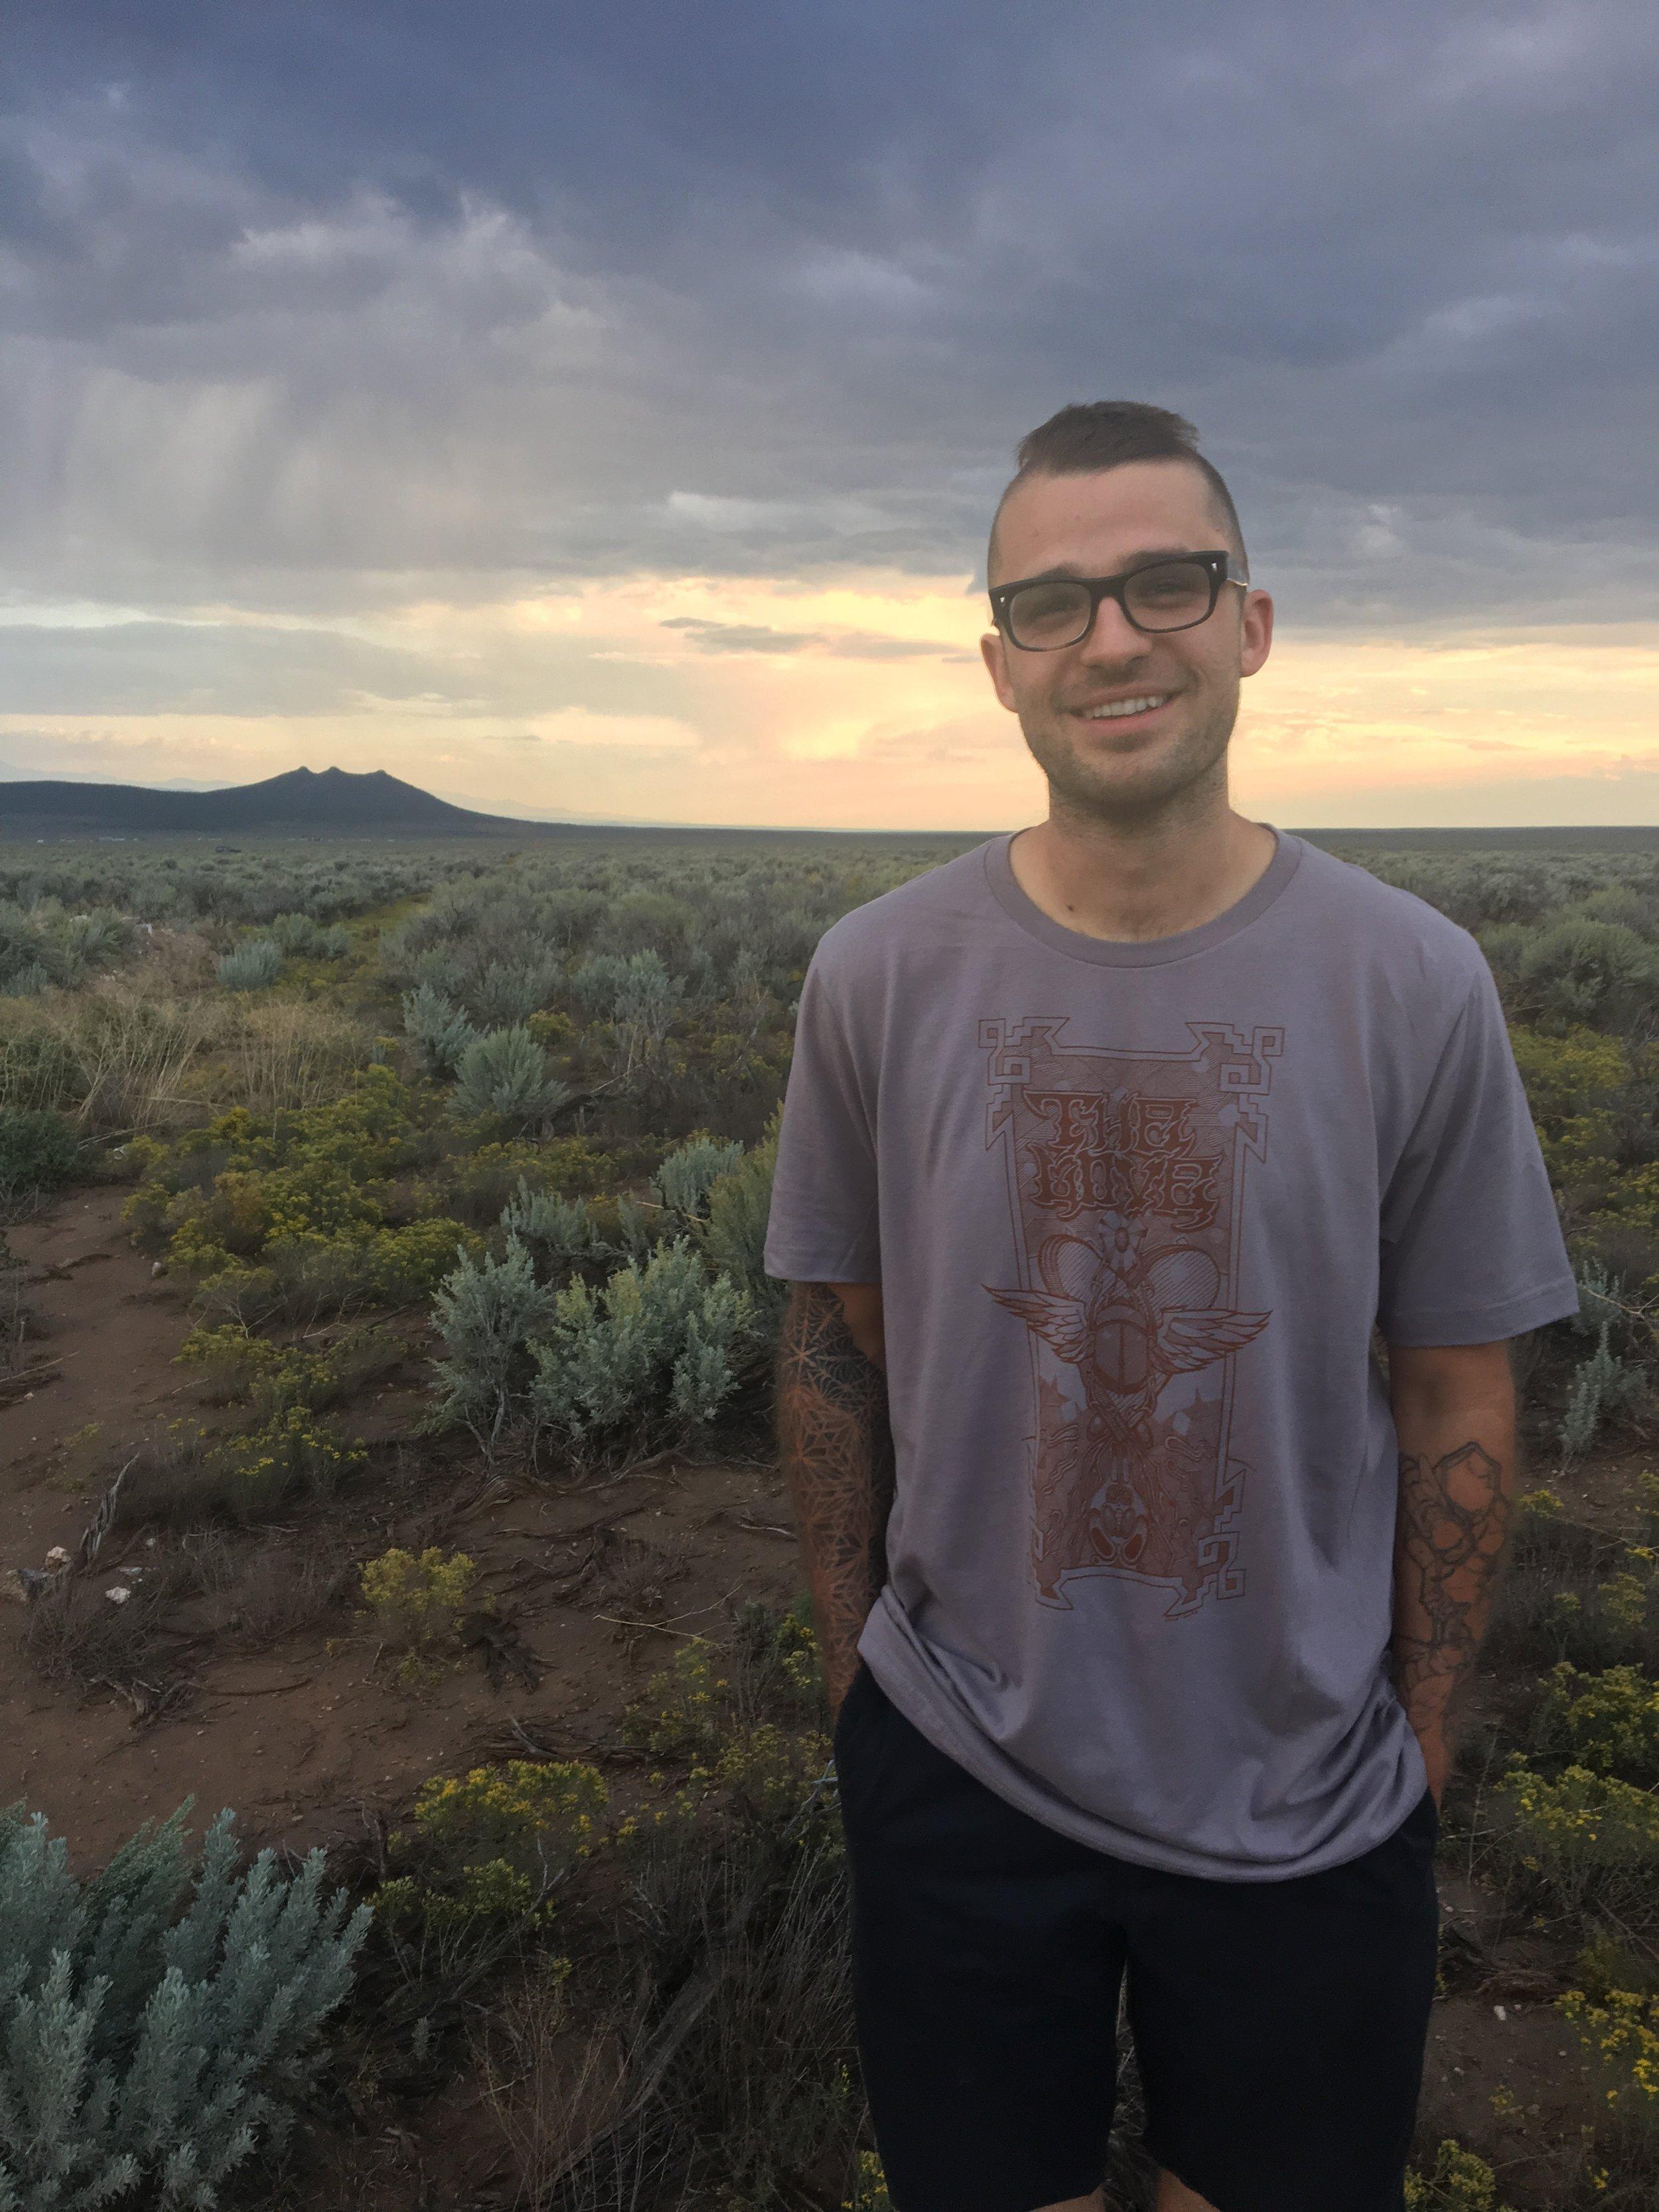 Jack Shure in the desert